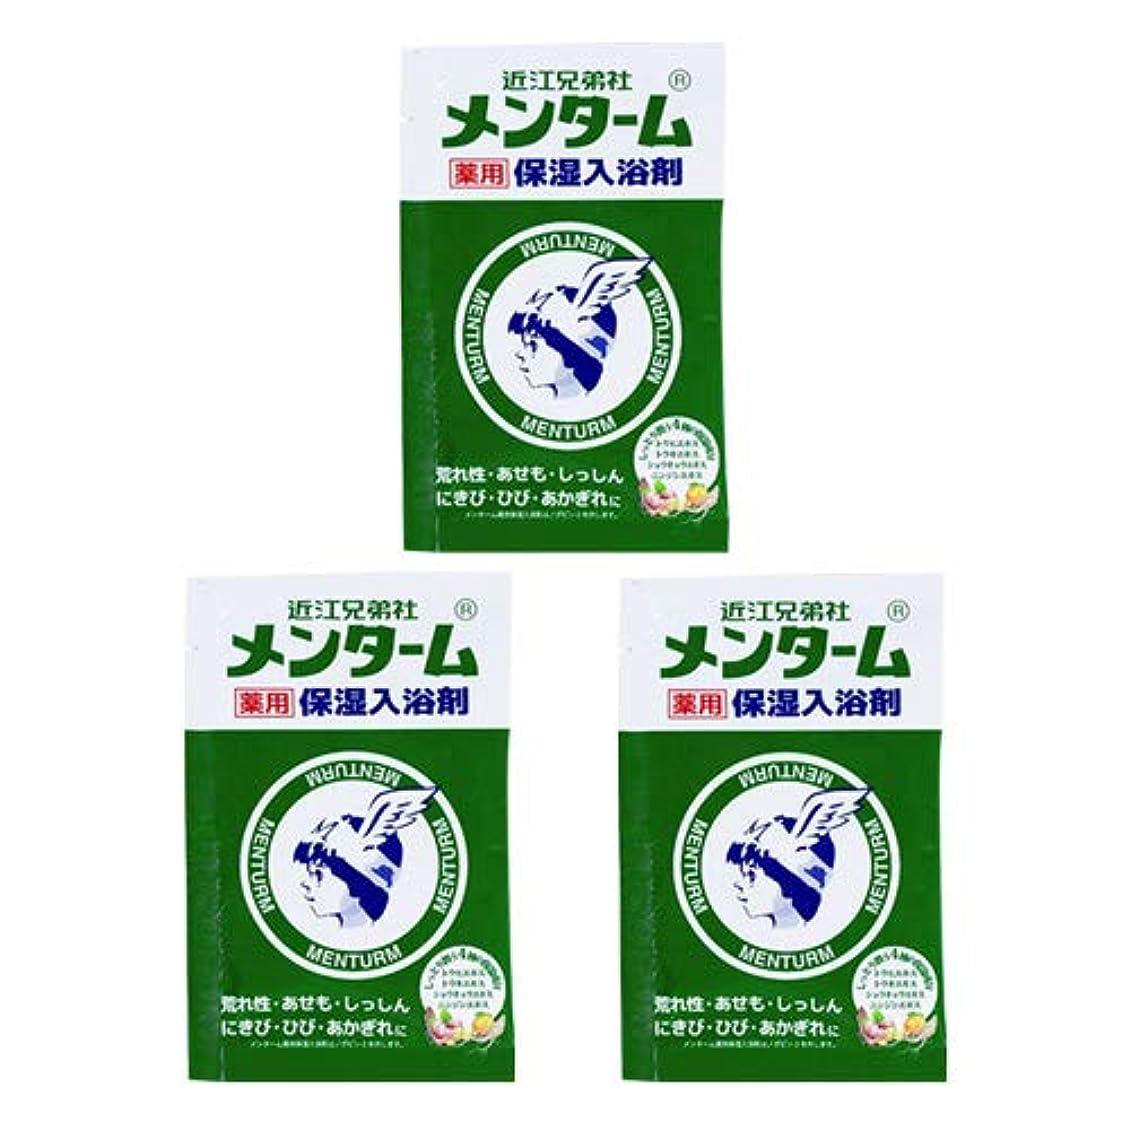 名前反乱ペース近江兄弟社 メンターム 薬用 保湿入浴剤 25g×3個セット